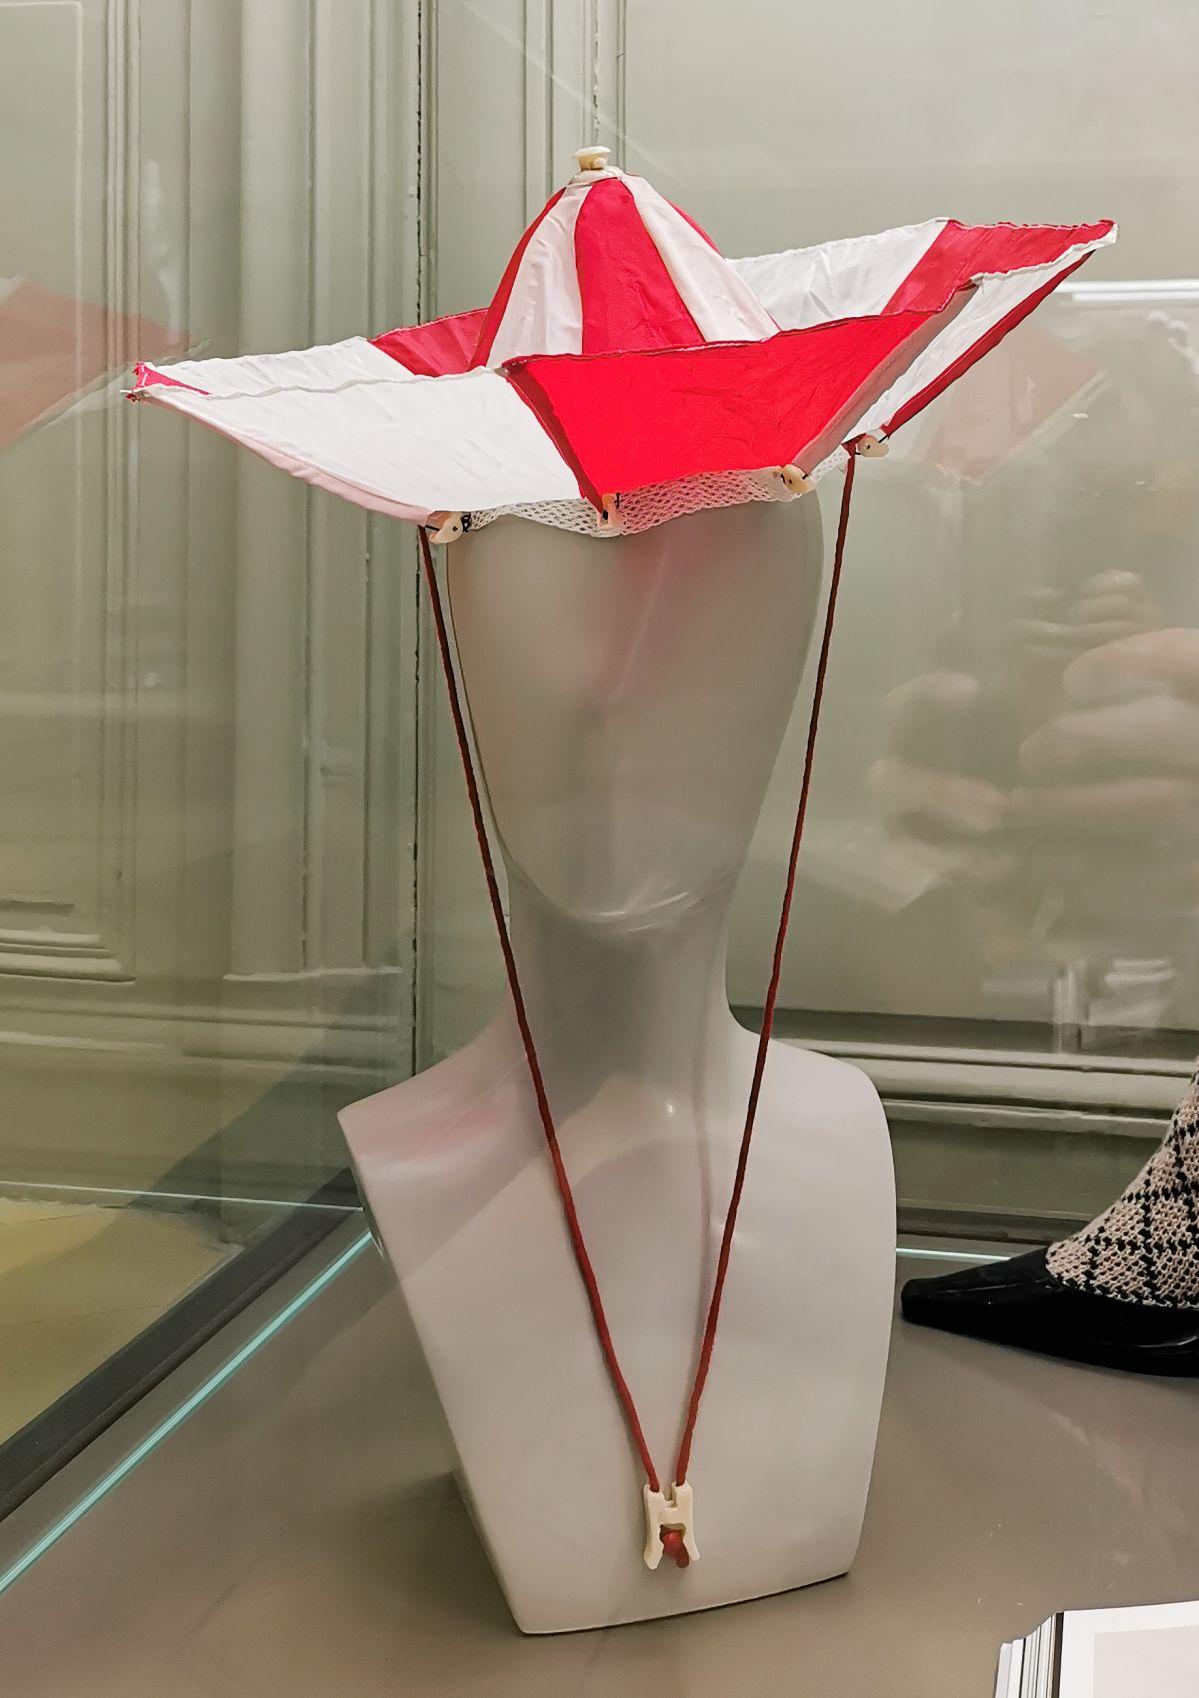 Jean-Remy Daumas - Chapeau-parapluie, Printemps - Eté 1987 - L'héritage surréaliste dans la mode au Château Borély - Grand Salon - Accessoires